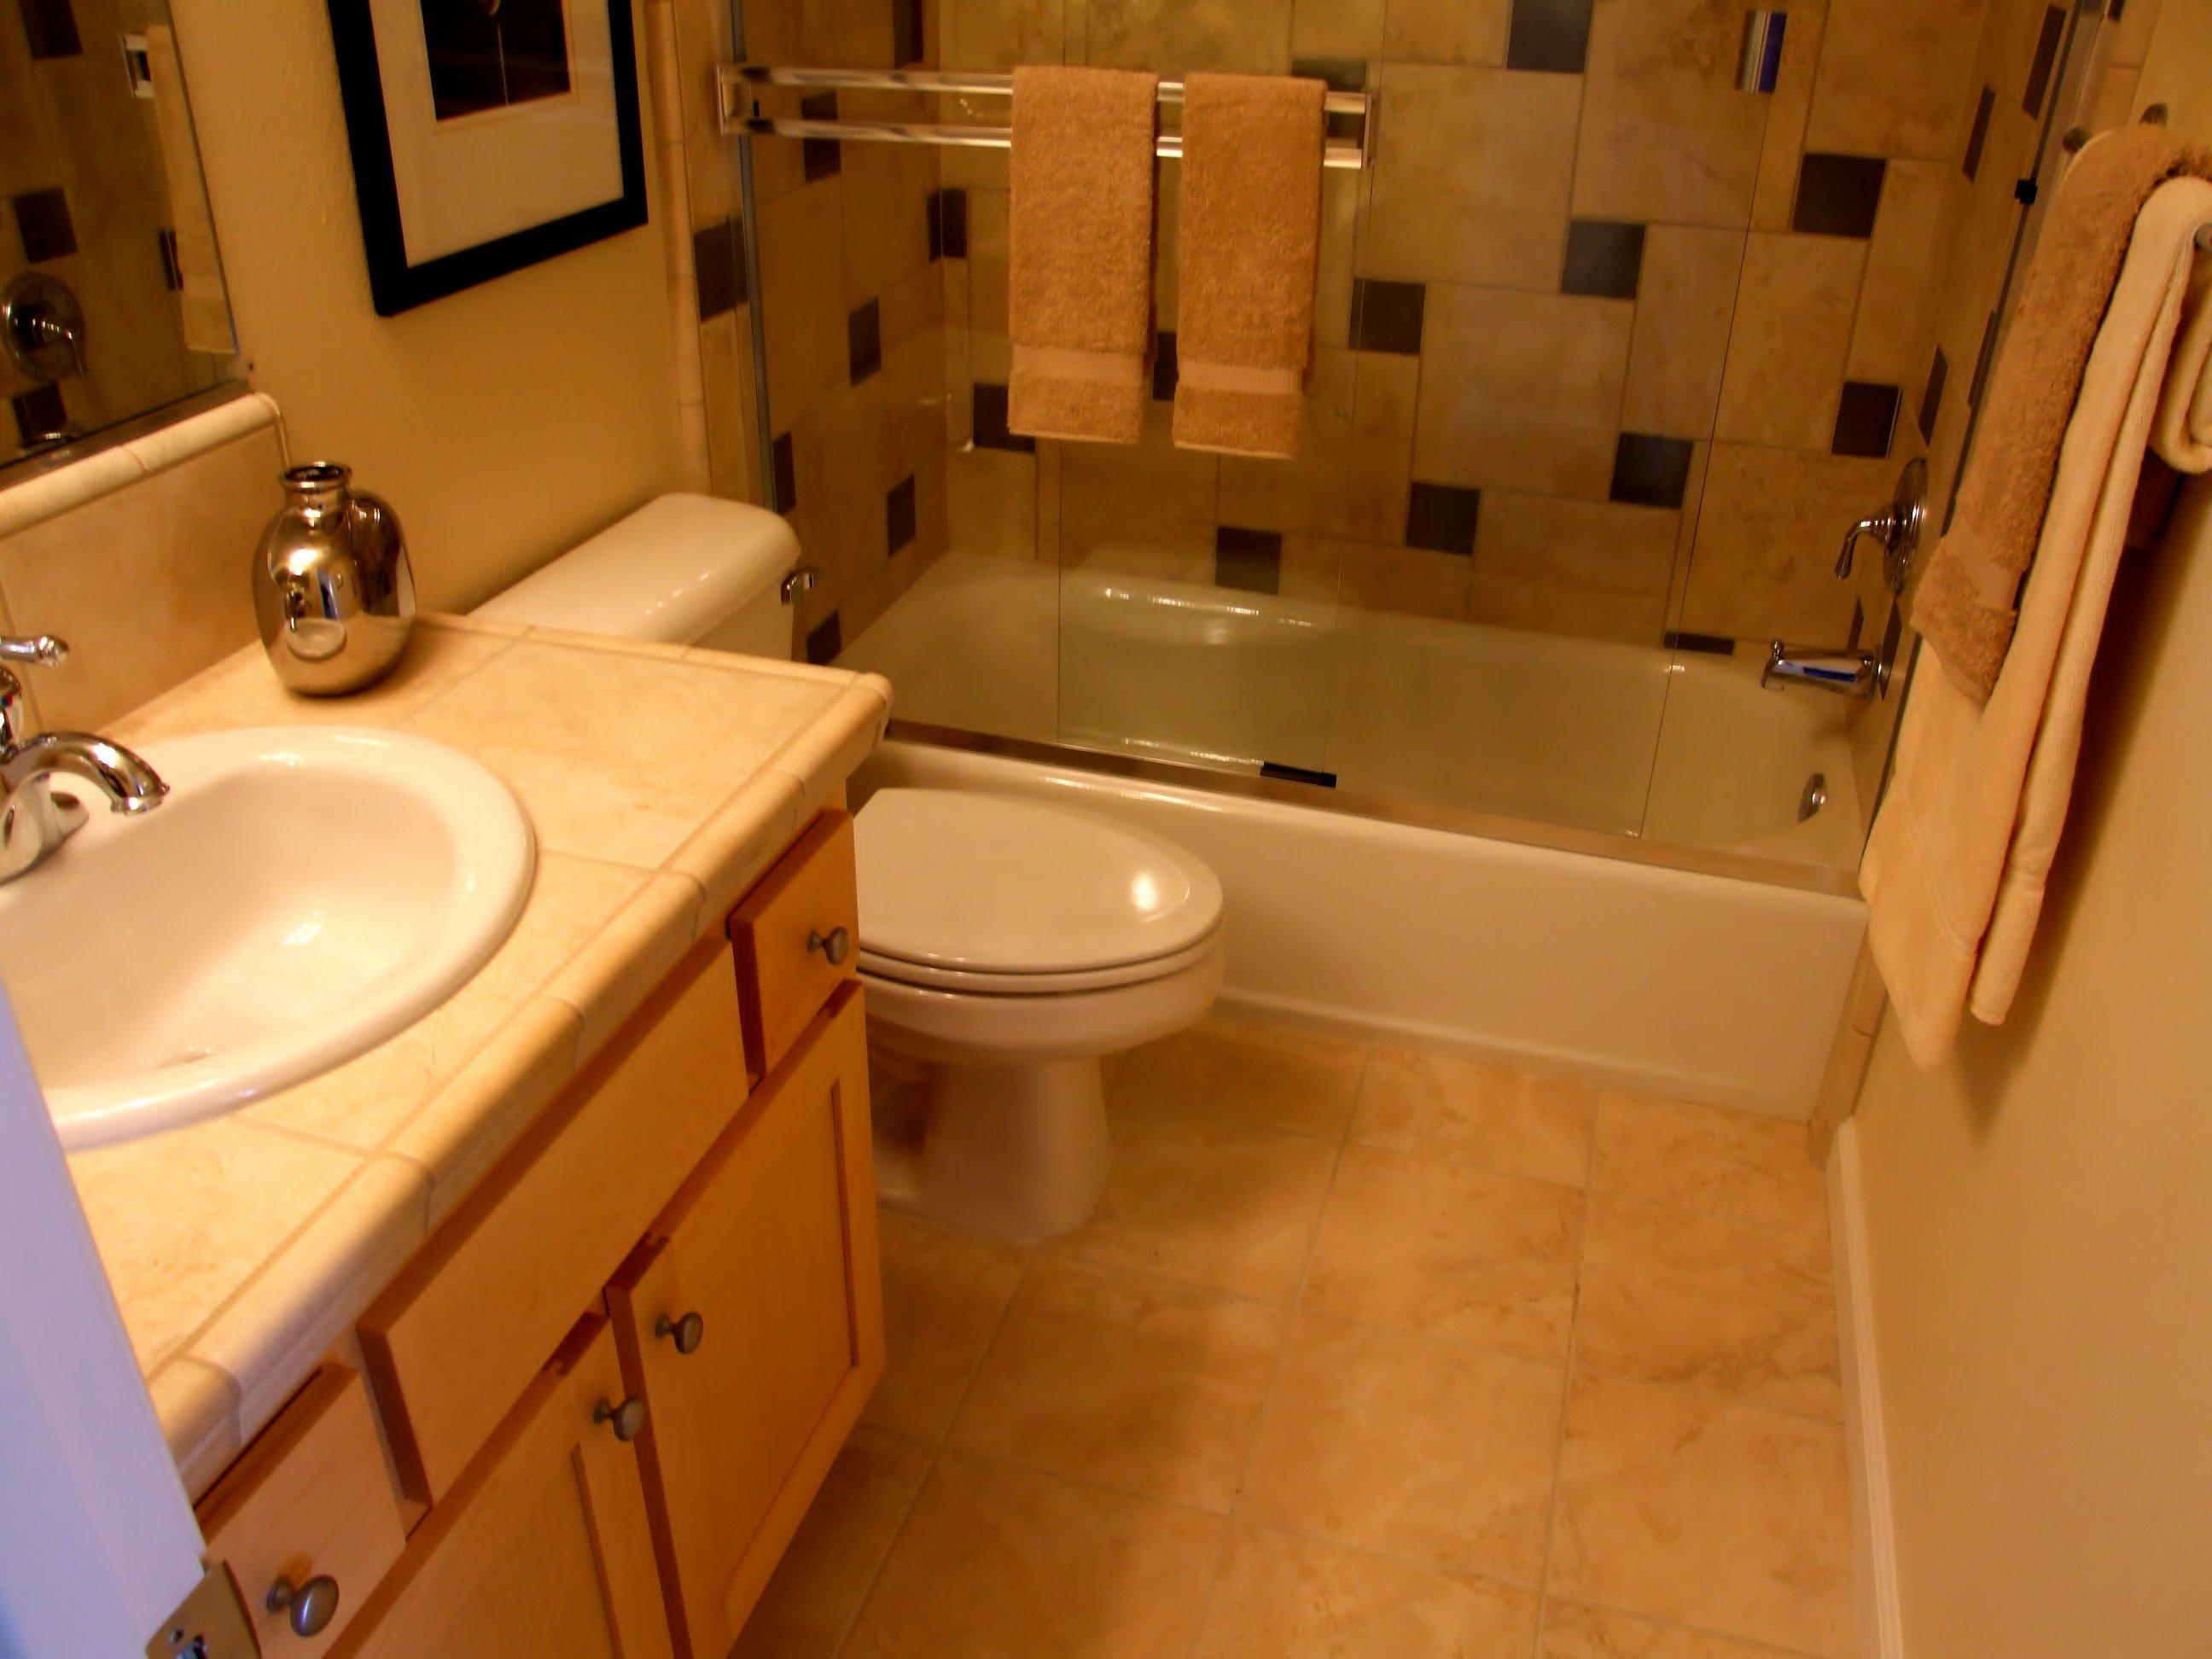 Ванная комната в деревянном доме: как ее грамотно обустроить 47